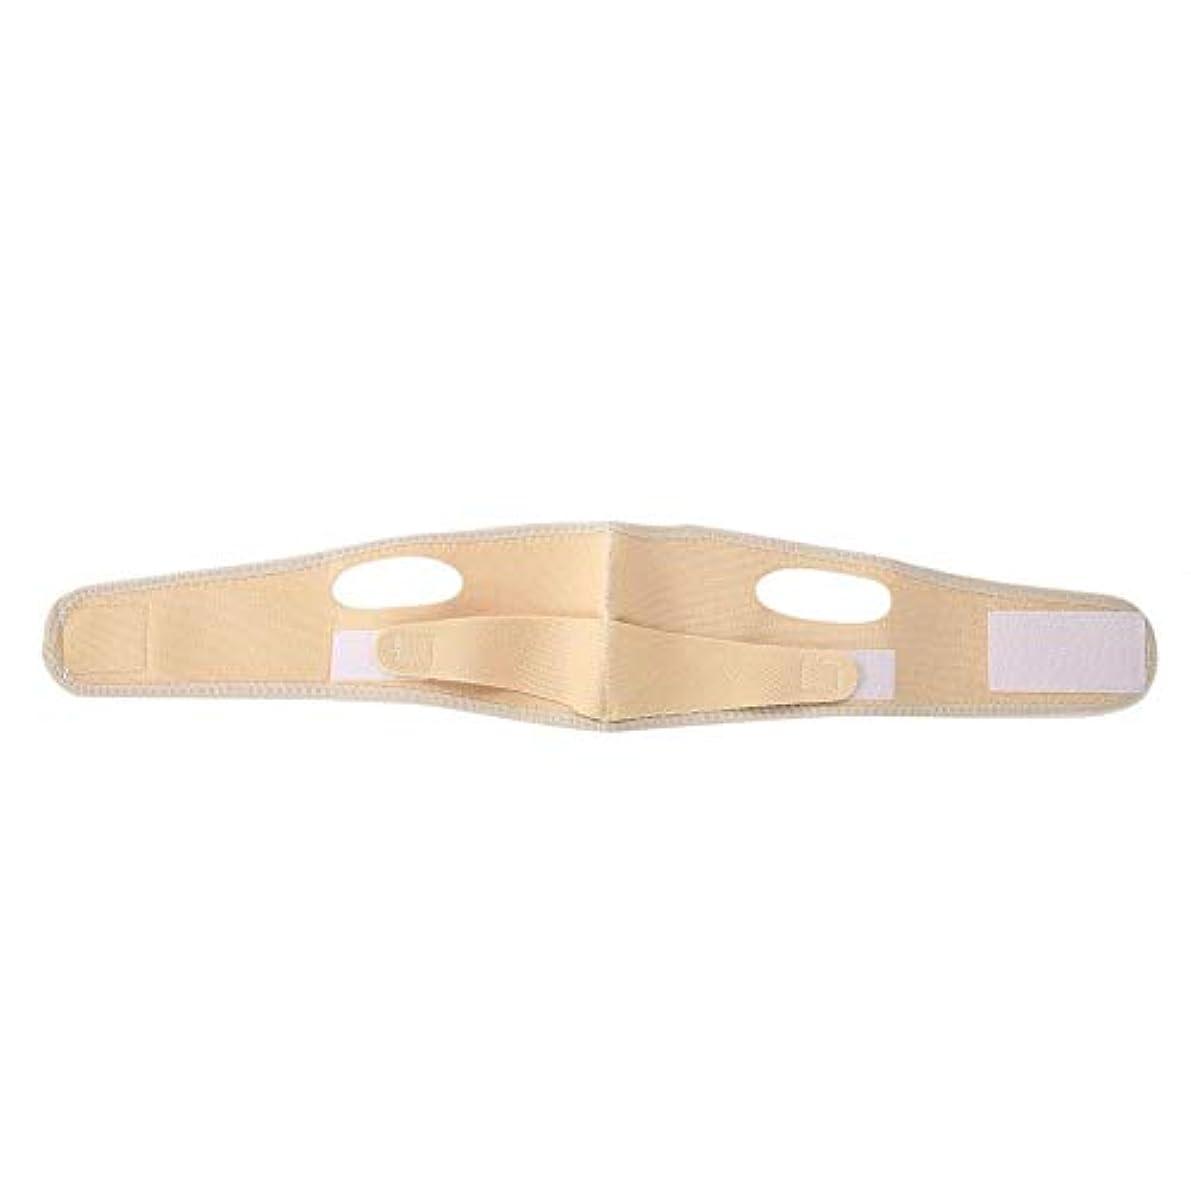 アクセシブルアーネストシャクルトンフローティング薄い顔のマスク顔の顔を持ち上げる包帯2種類(1#)